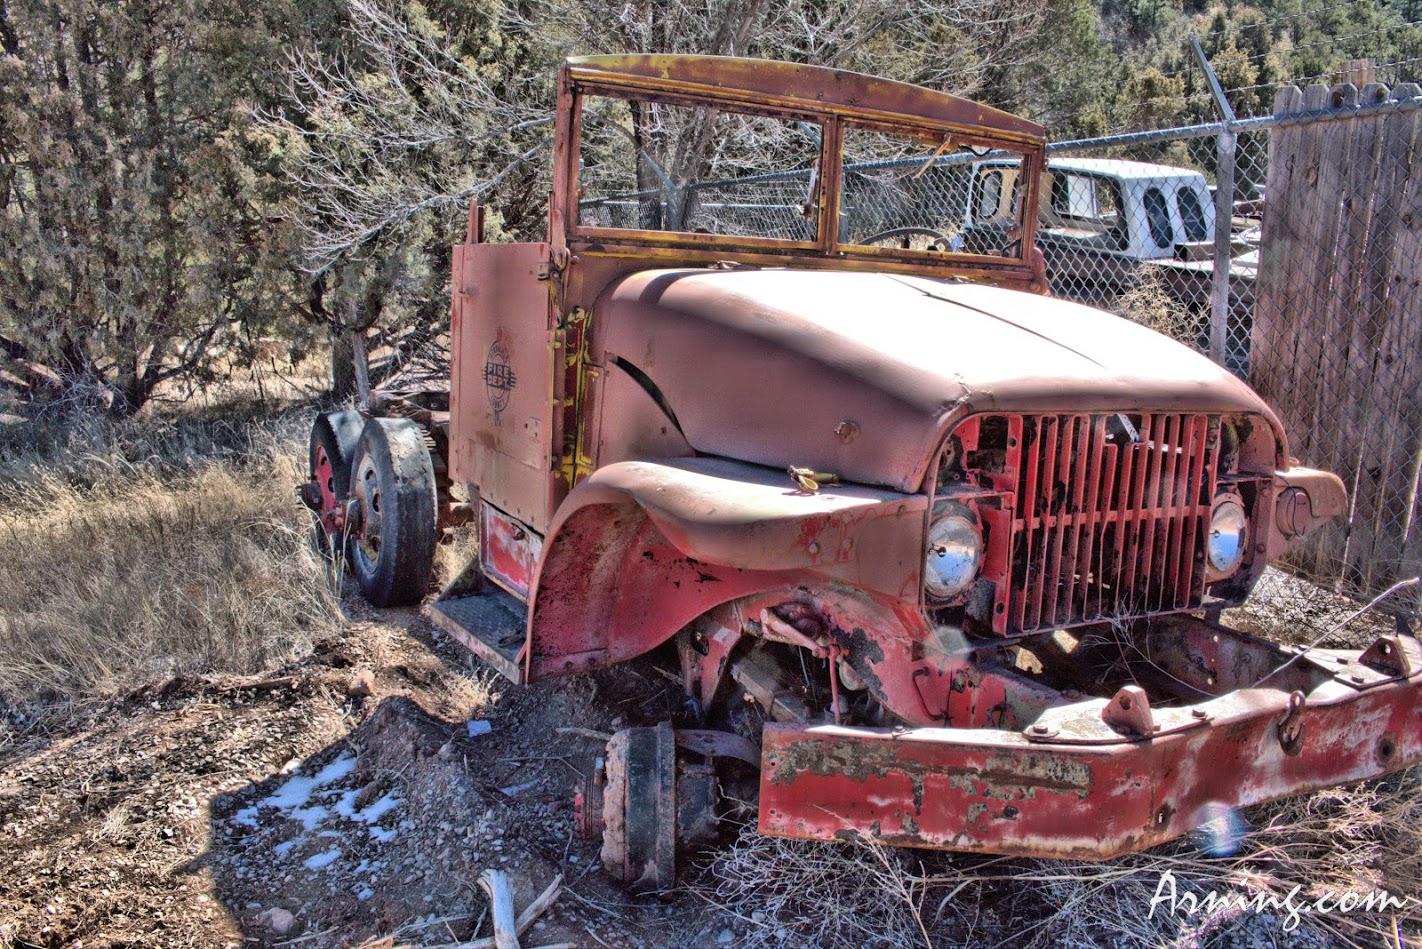 Old firetruck in Cedar Crest off NM 14